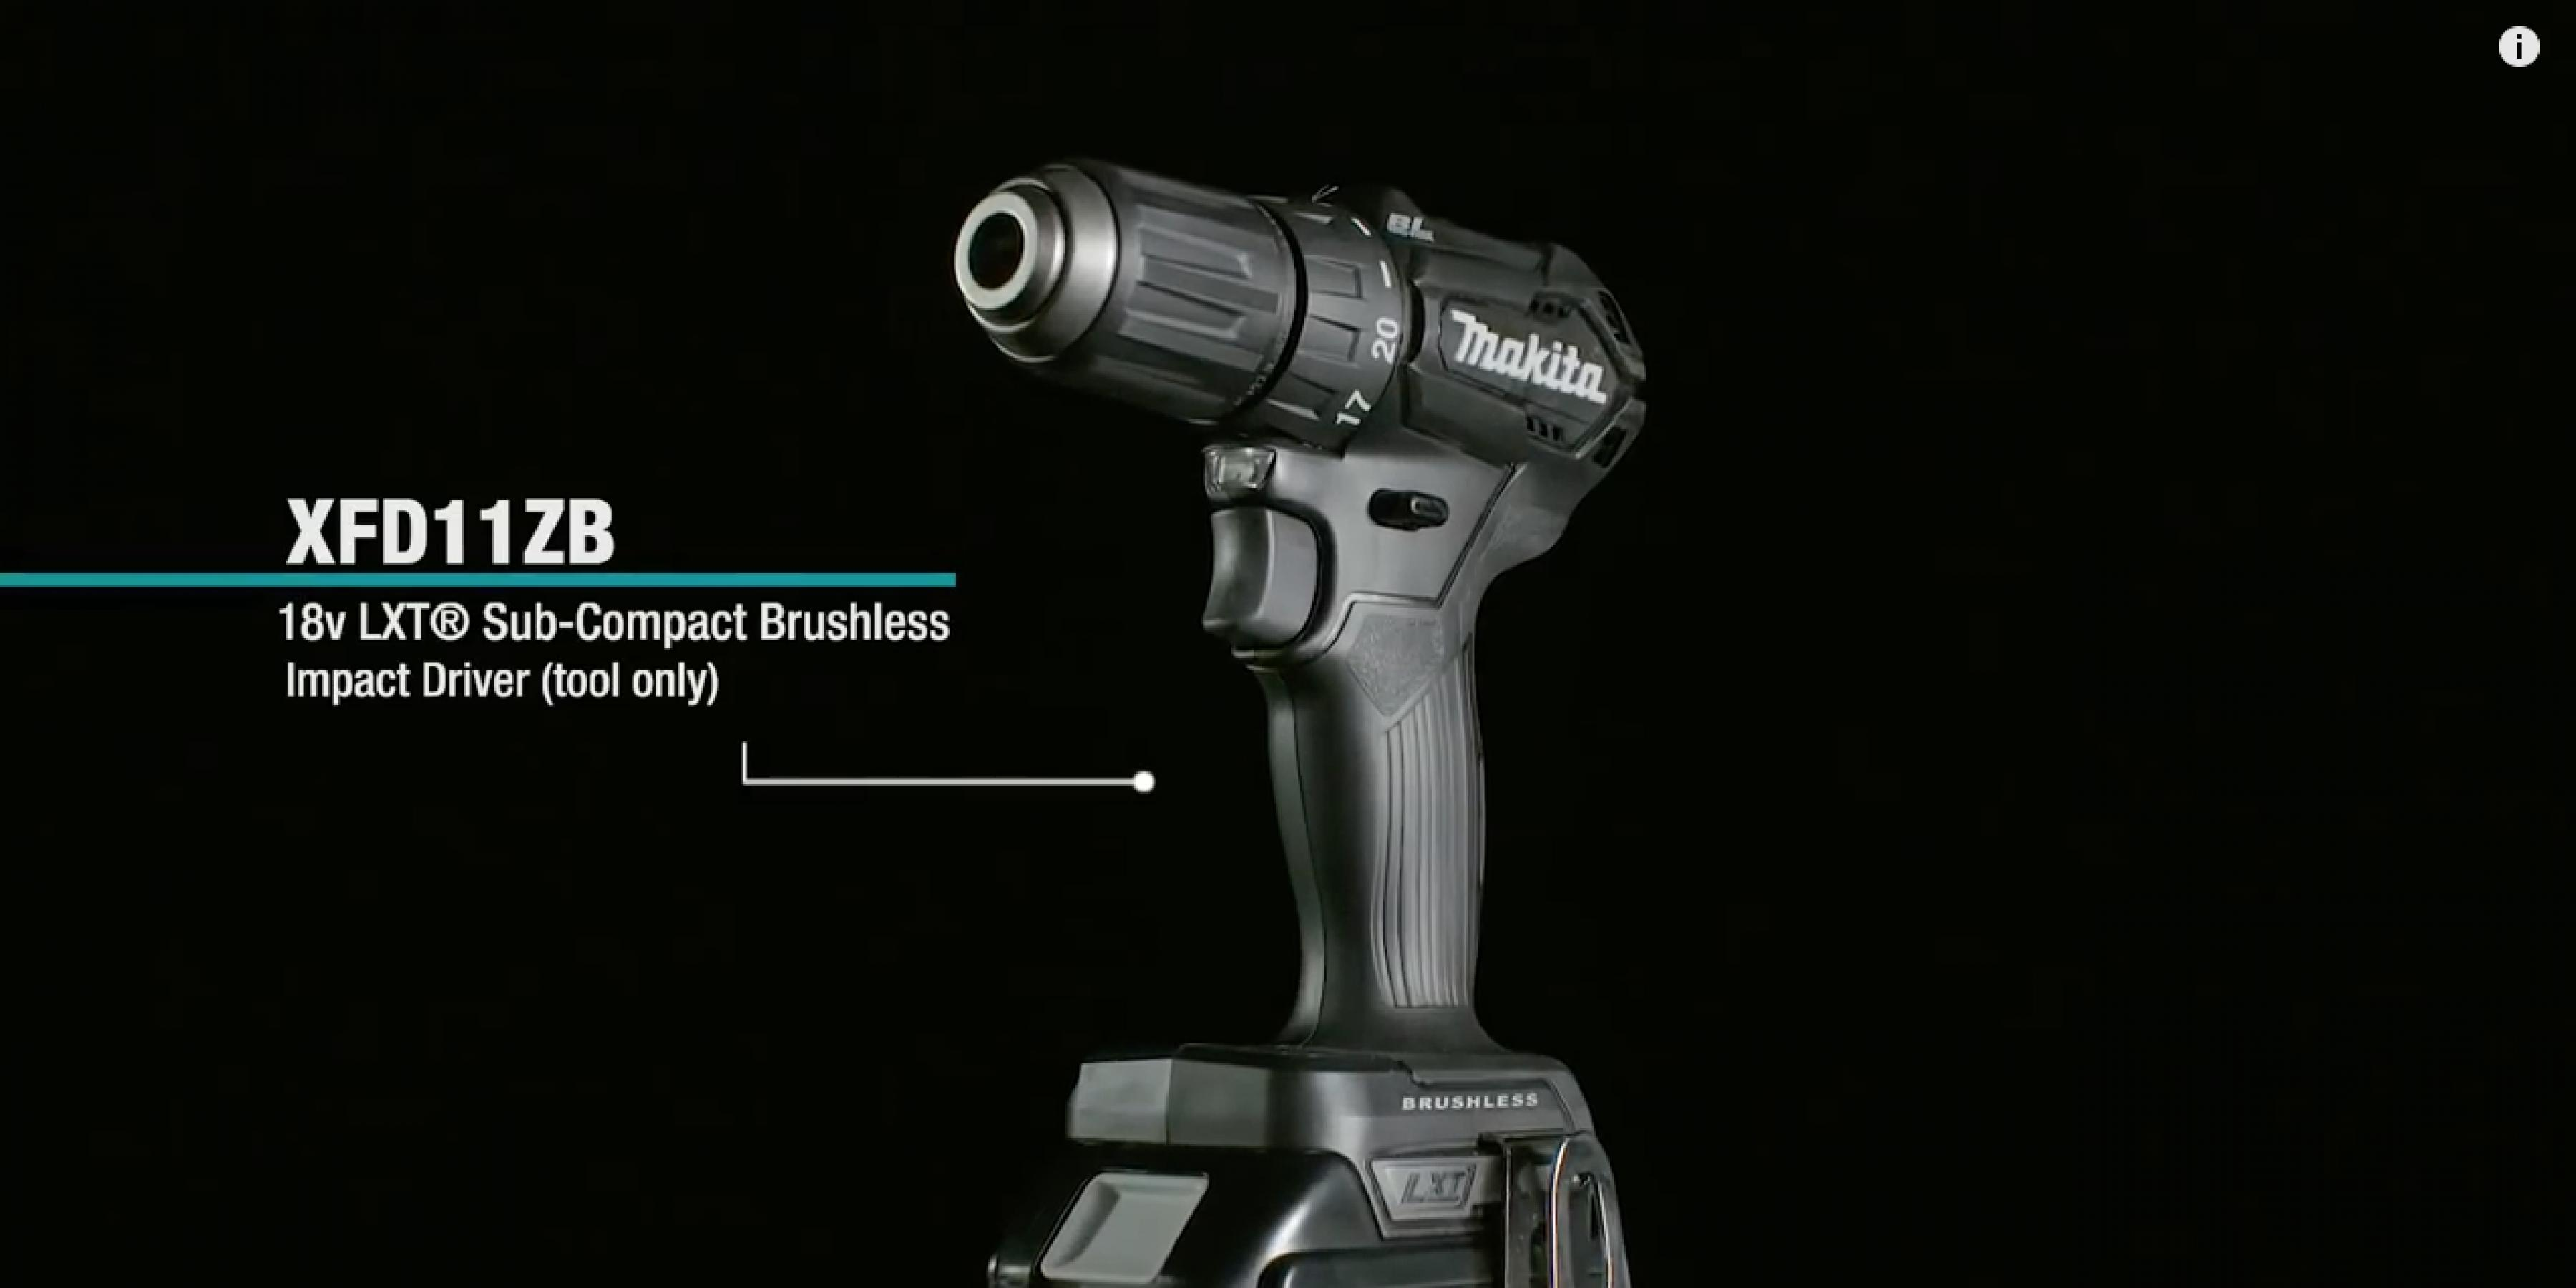 MAKITA 18V LXT® Sub-Compact Brushless 1/2